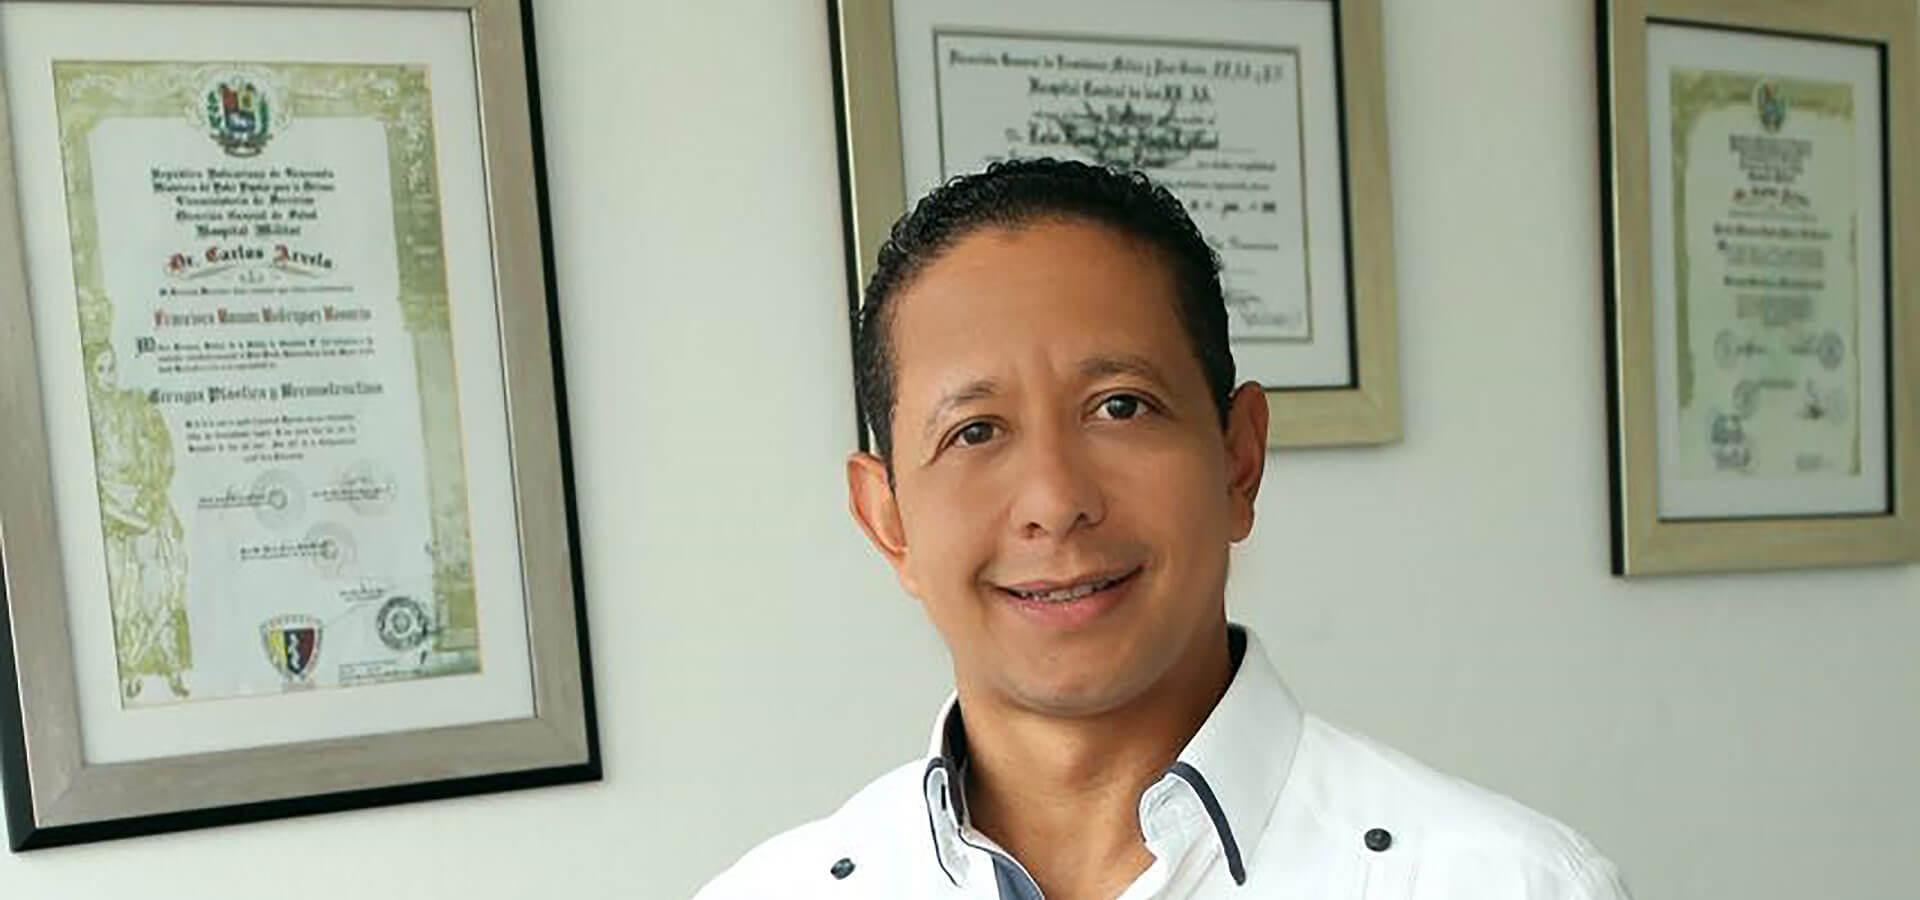 Dr. Carlos Saint Hilaire